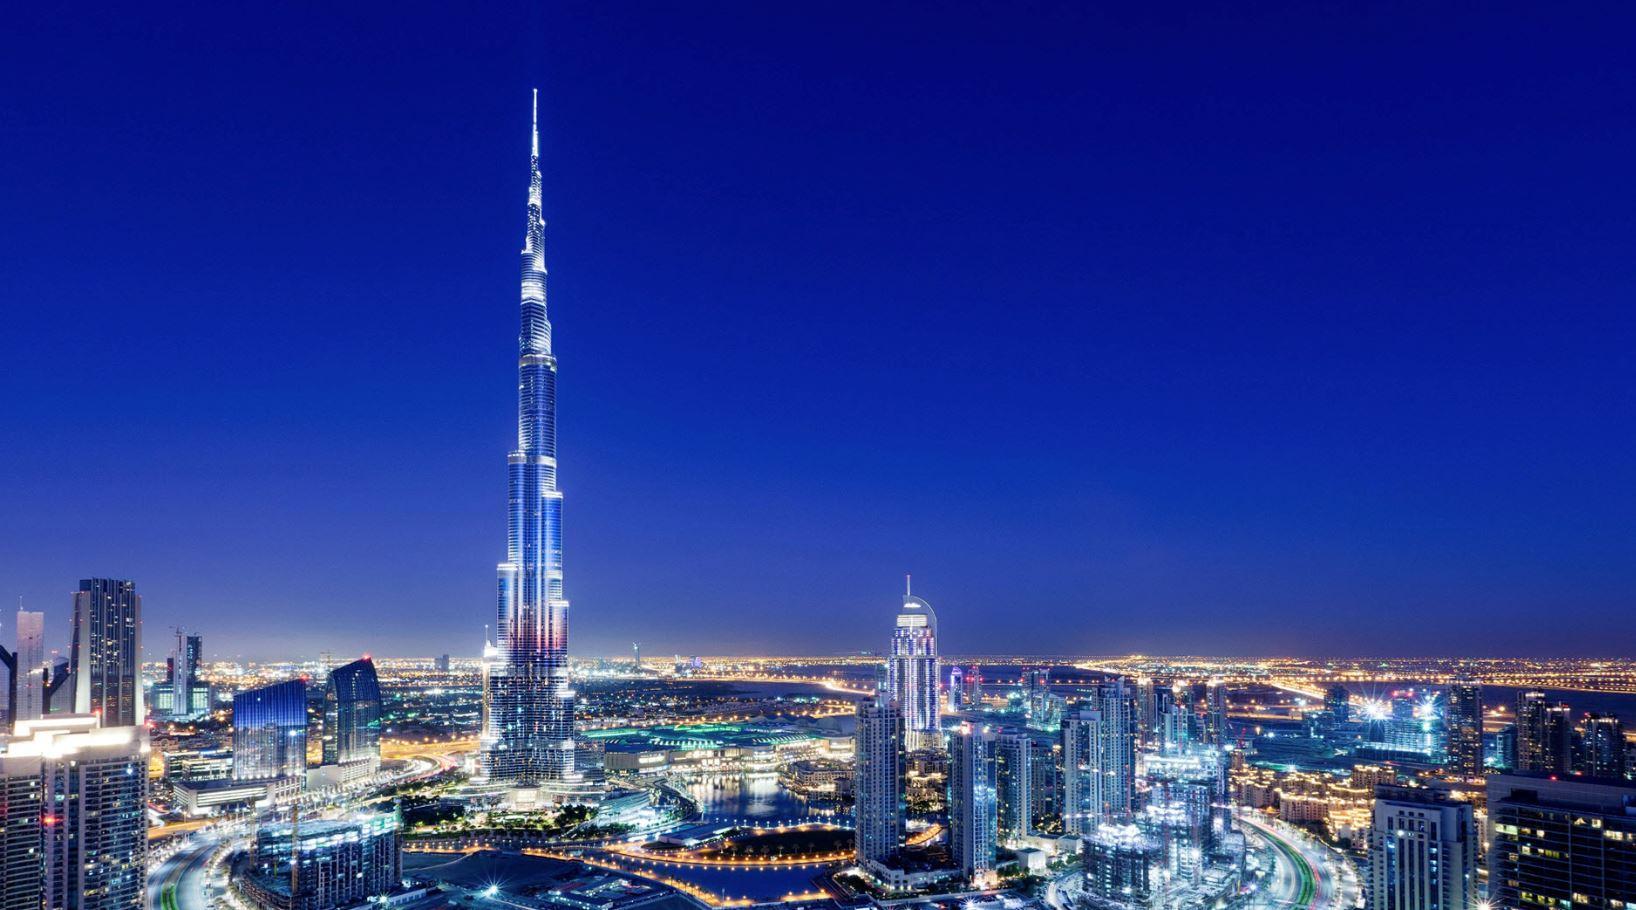 ketinggian berbeza, burj khalifah ada 3 zon berbuka puasa yang berbeza